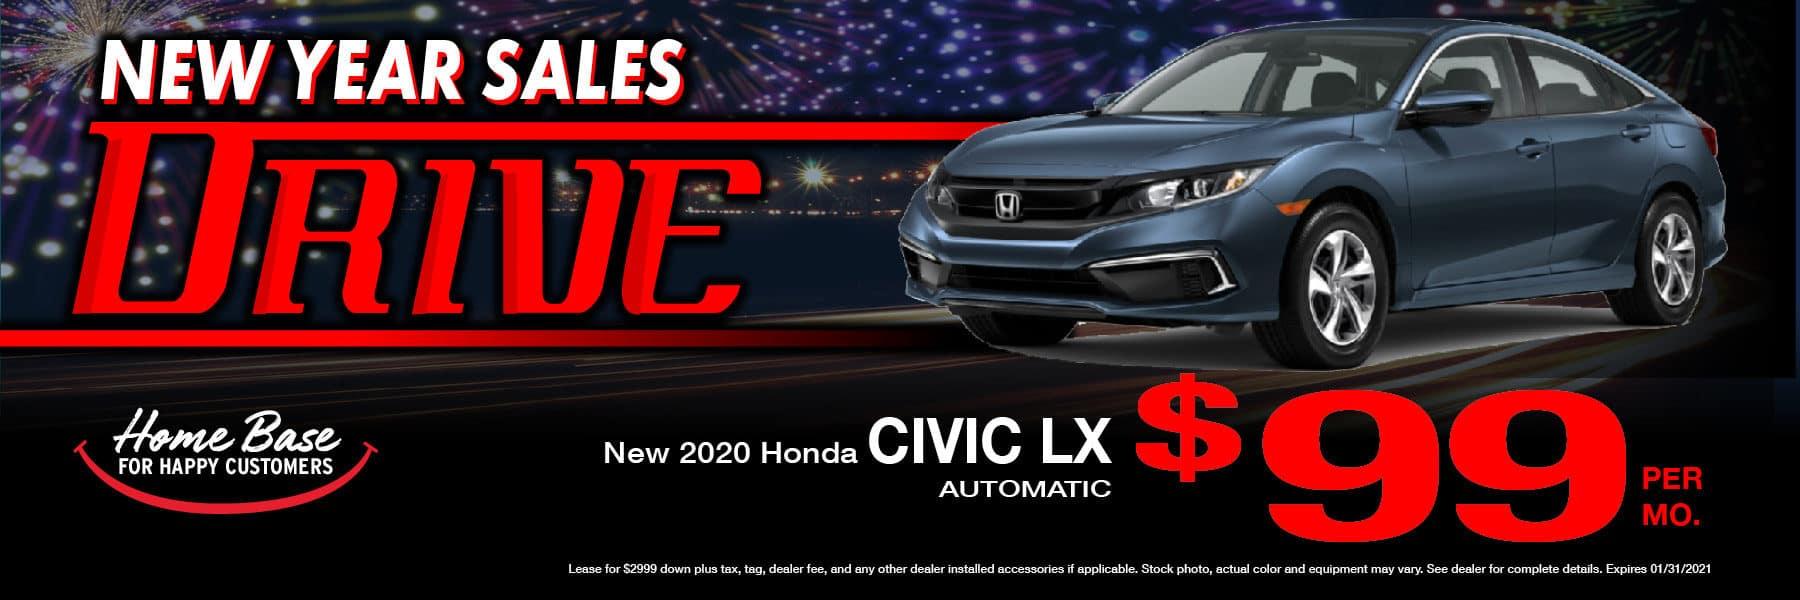 2t3966 HQ Honda 1800×600 New Yr4